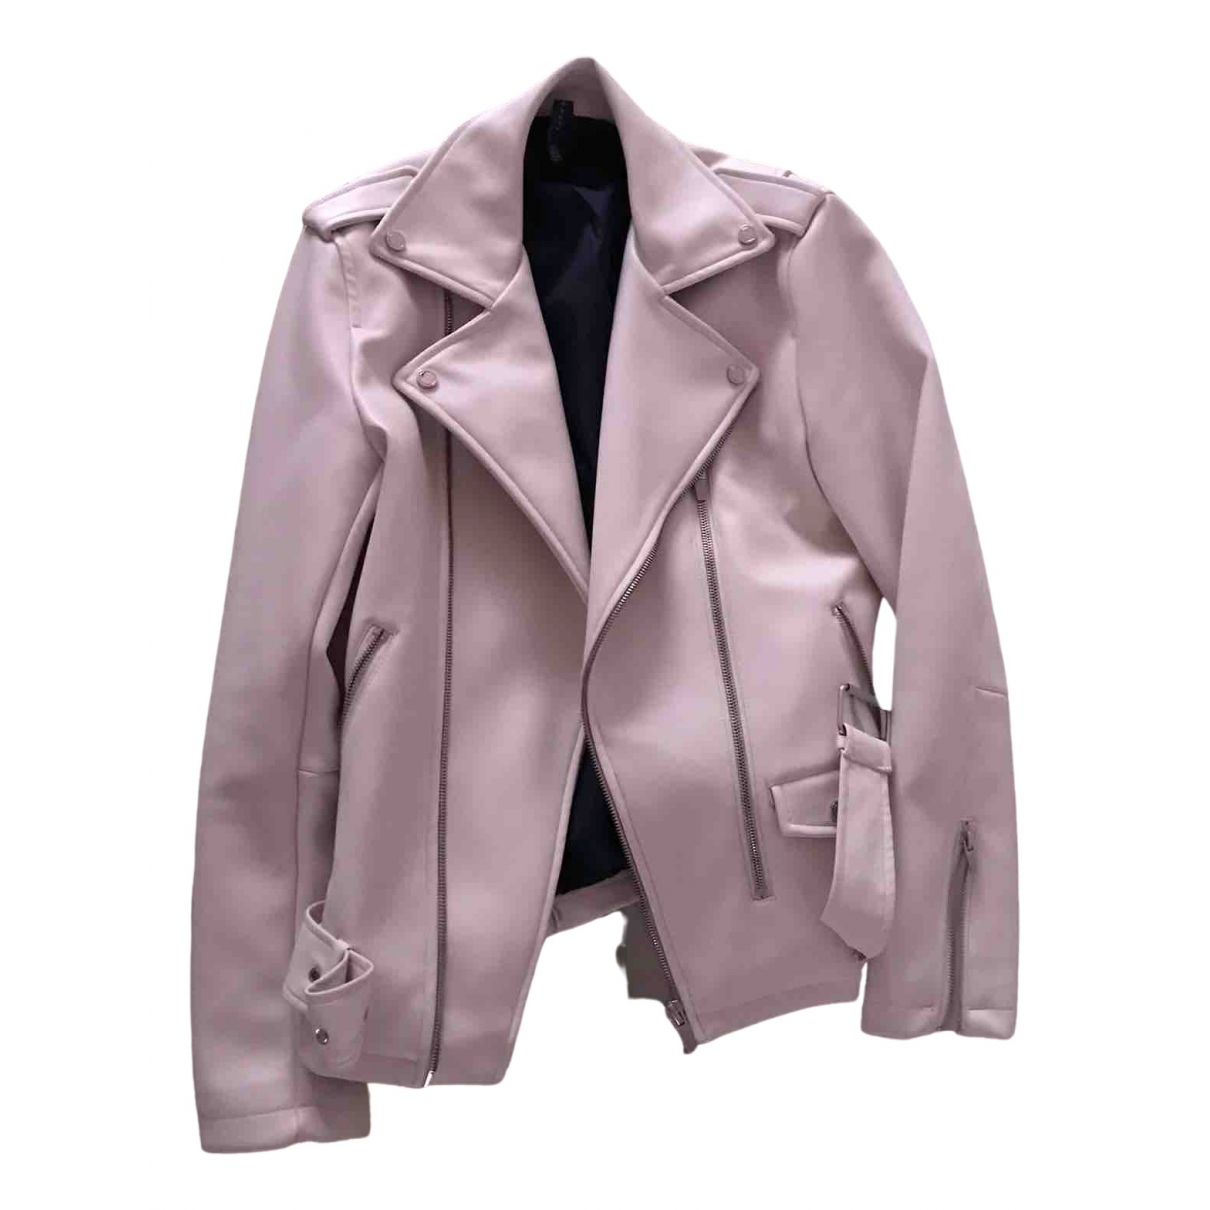 Zara - Vestes.Blousons   pour homme en cuir - beige